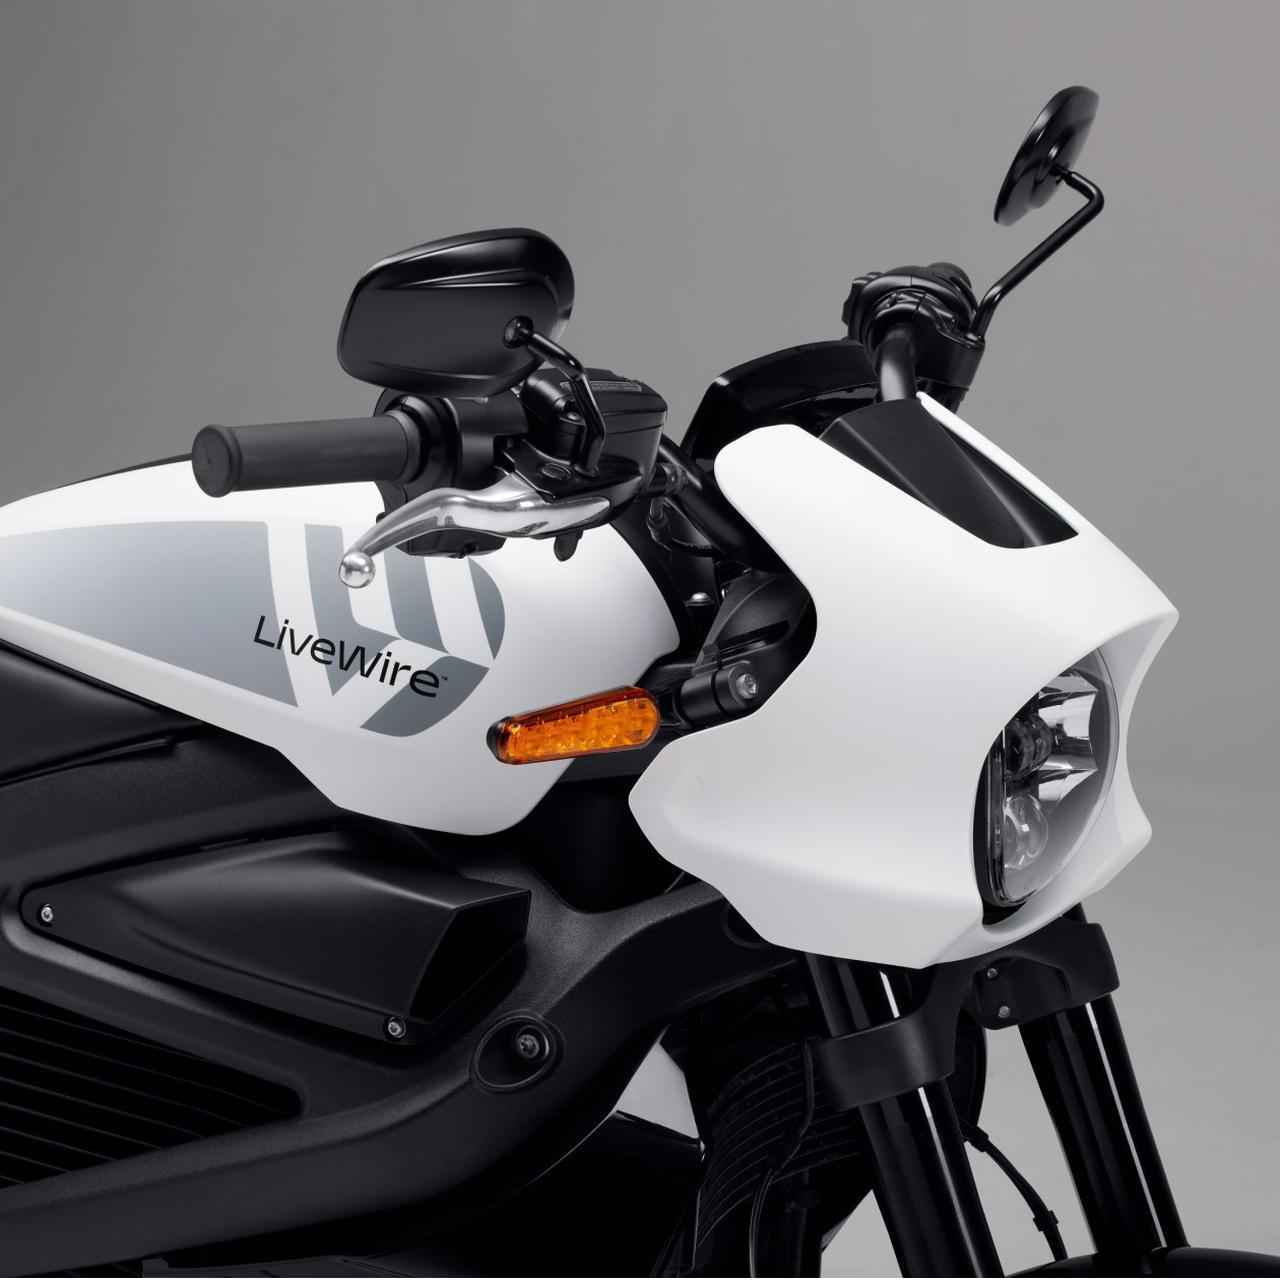 画像: 来たる7月8日に、ライブワイヤー・ブランドになってから、初のモデルが登場!? その名は「ライブワイヤー ワン」!? - LAWRENCE - Motorcycle x Cars + α = Your Life.